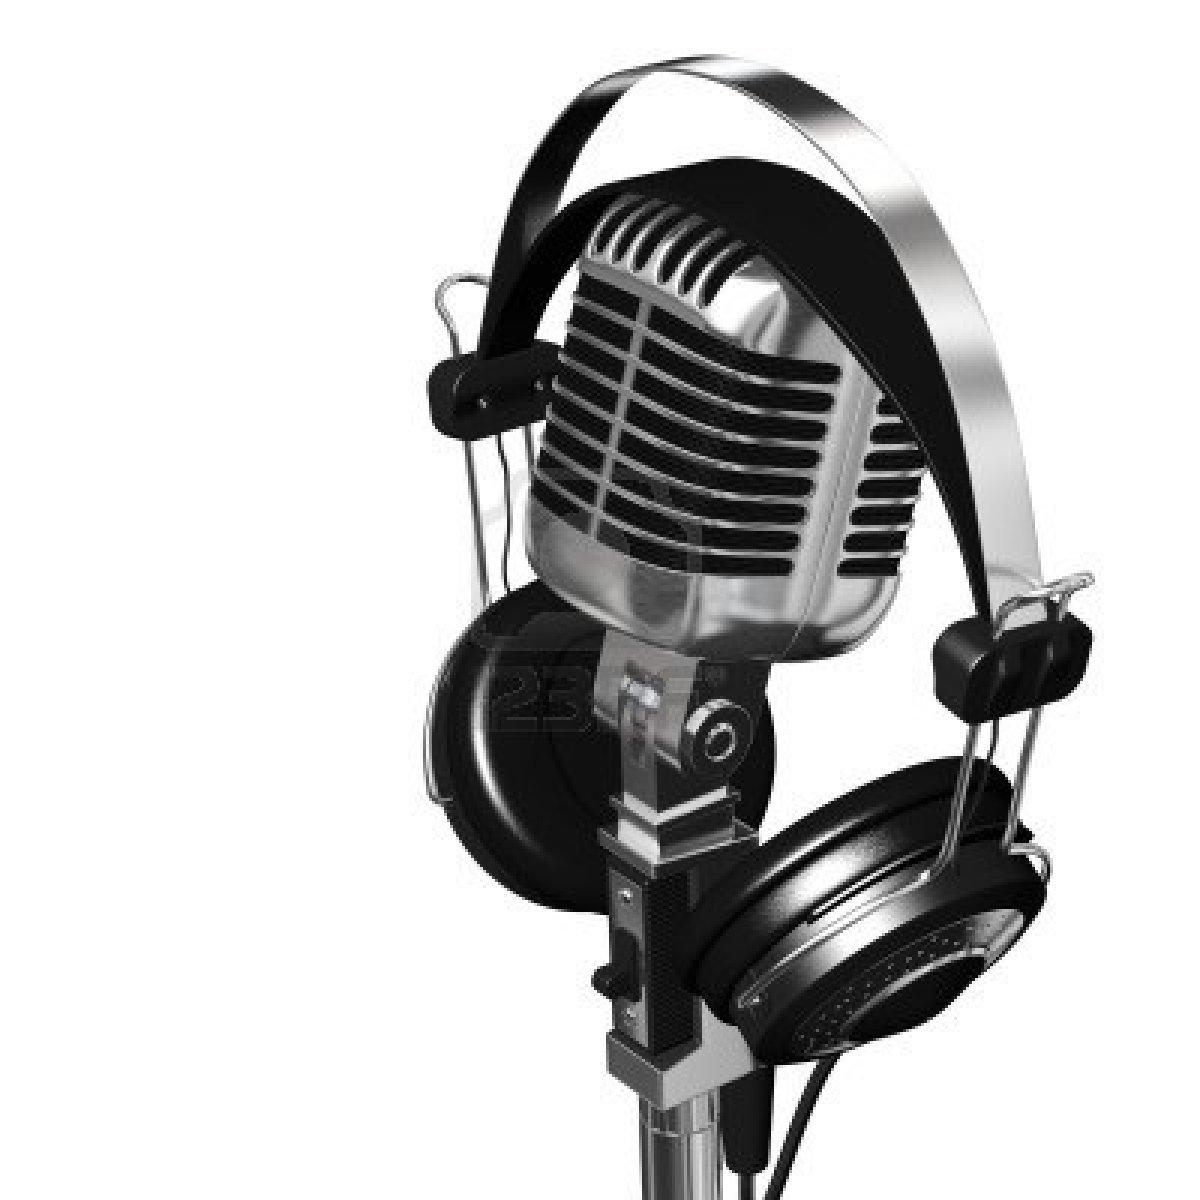 Headphone clipart radio frequency Headphones (36+) clipart headphones Clipart